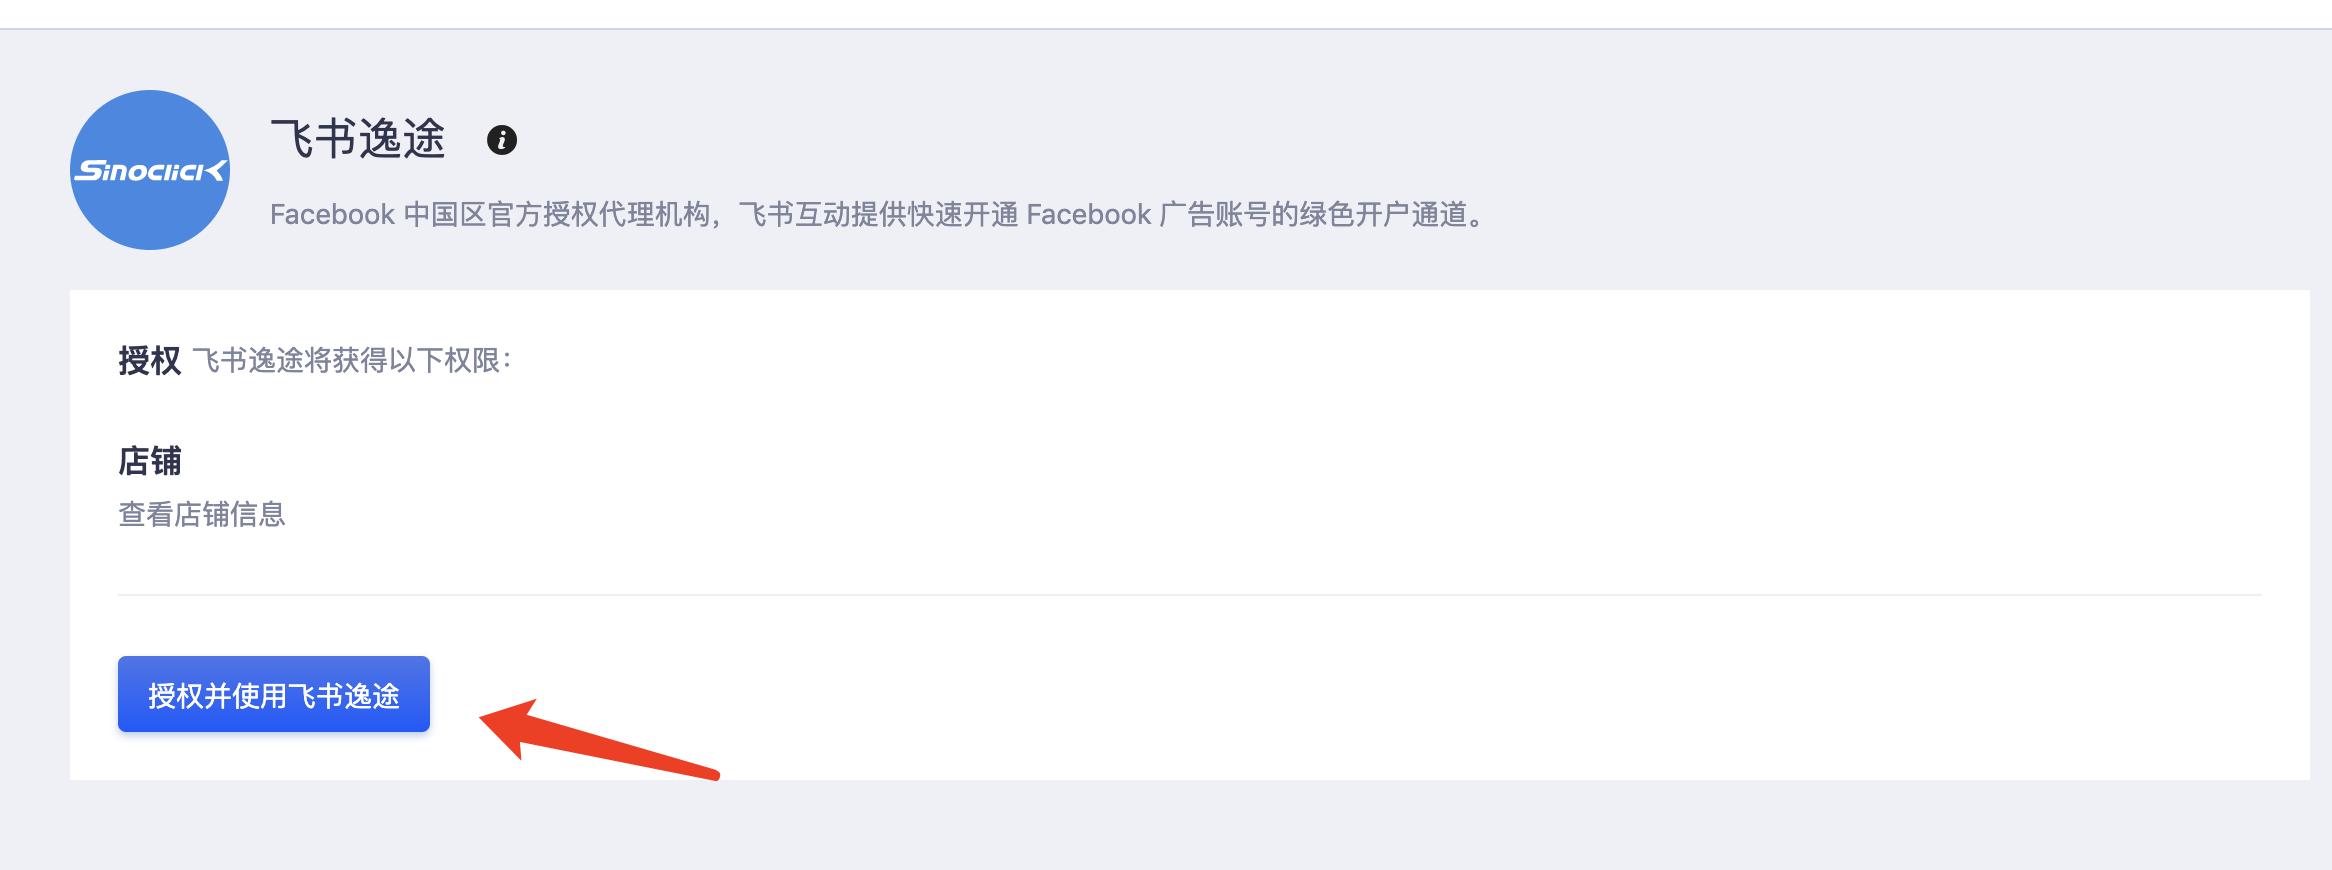 独立站Facebook 广告授权